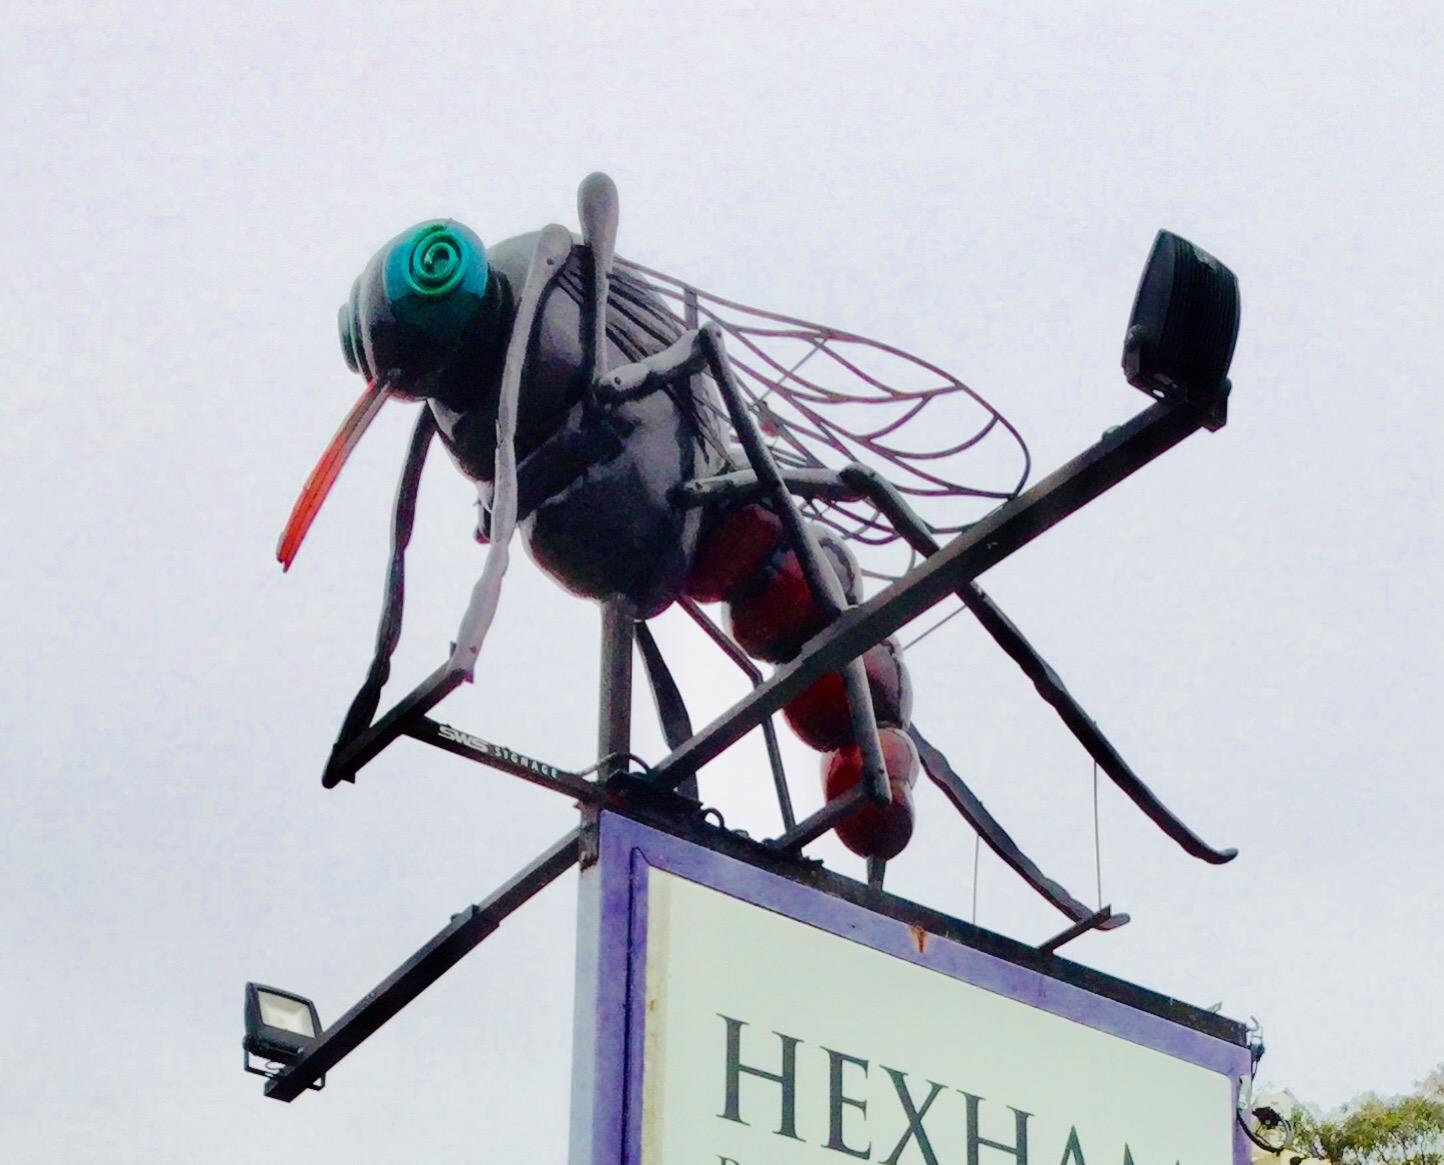 Hexhamのボーリングクラブにいる蚊